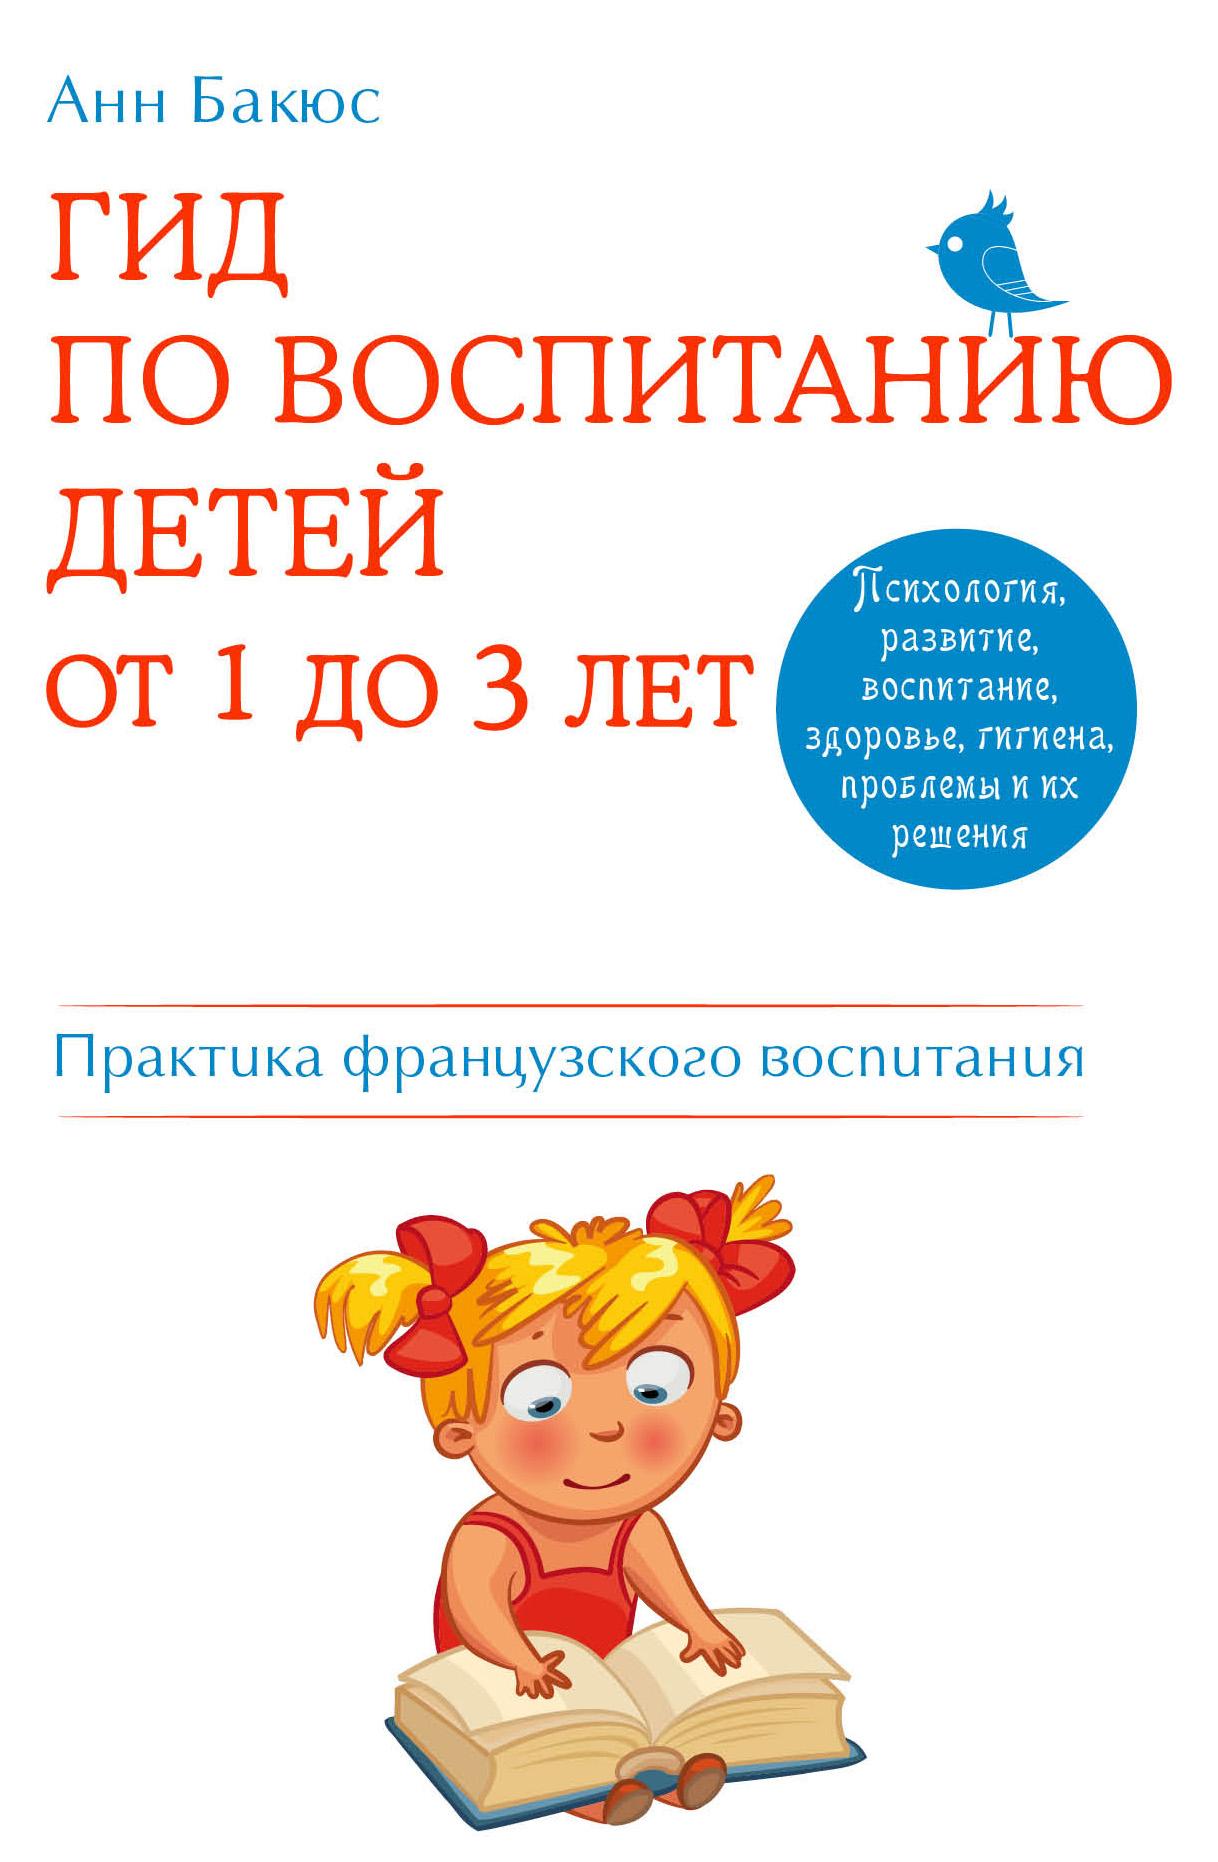 Анн Бакюс Гид по воспитанию детей от 1 до 3 лет. Практическое руководство от французского психолога бакюс а гид по воспитанию детей от 3 до 6 лет советы знаменитого французского психолога